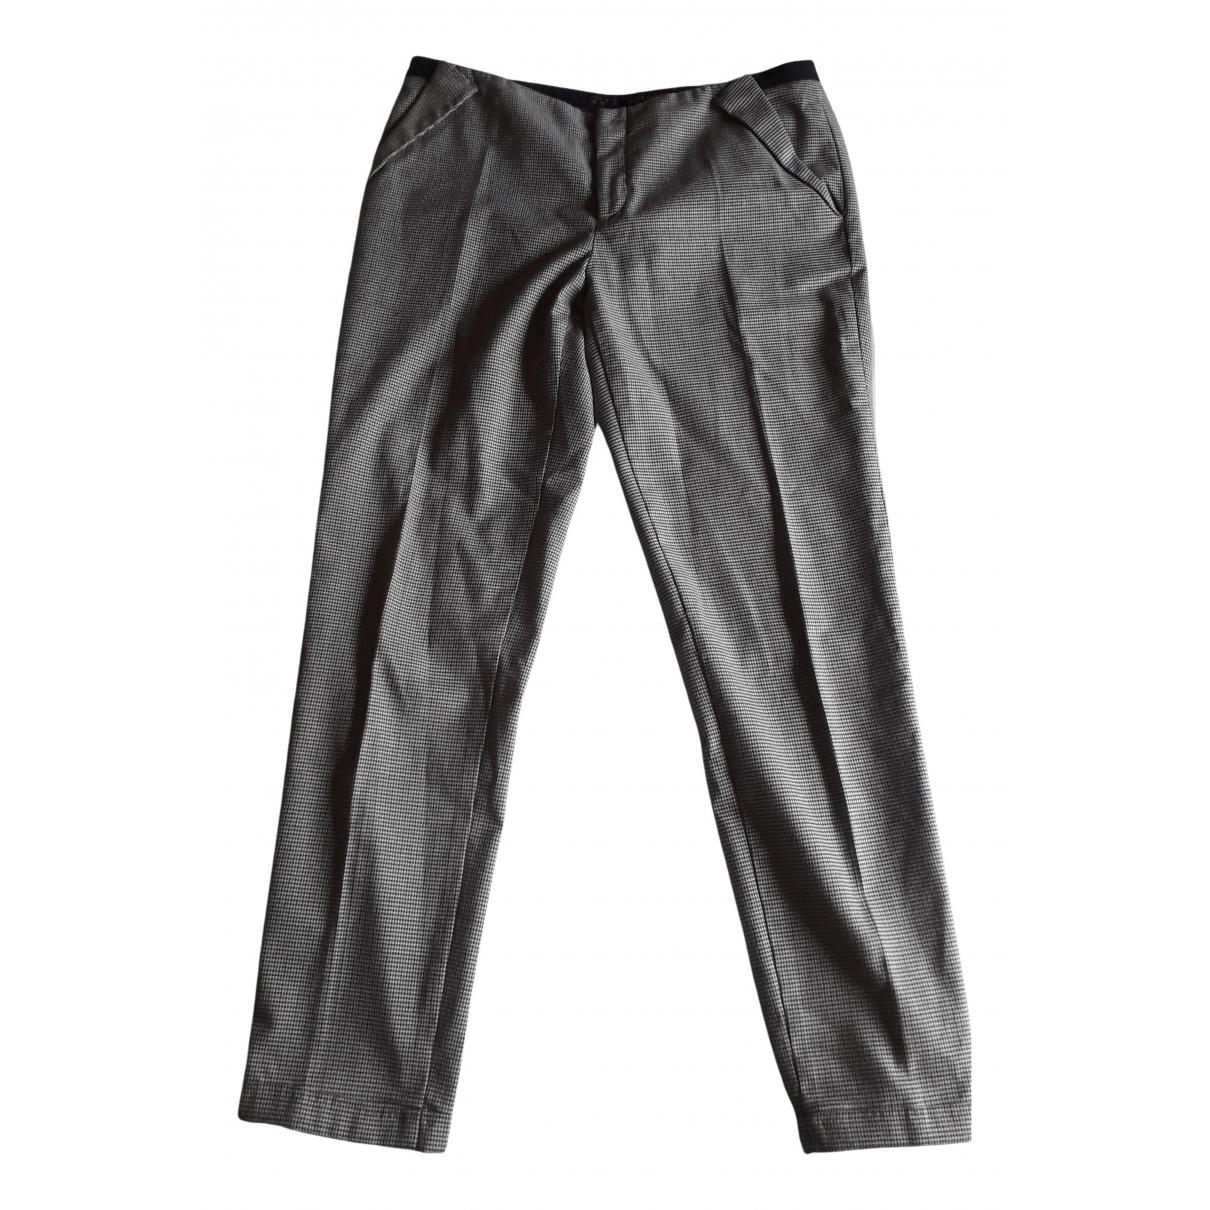 Zara N Multicolour Trousers for Women 4 US